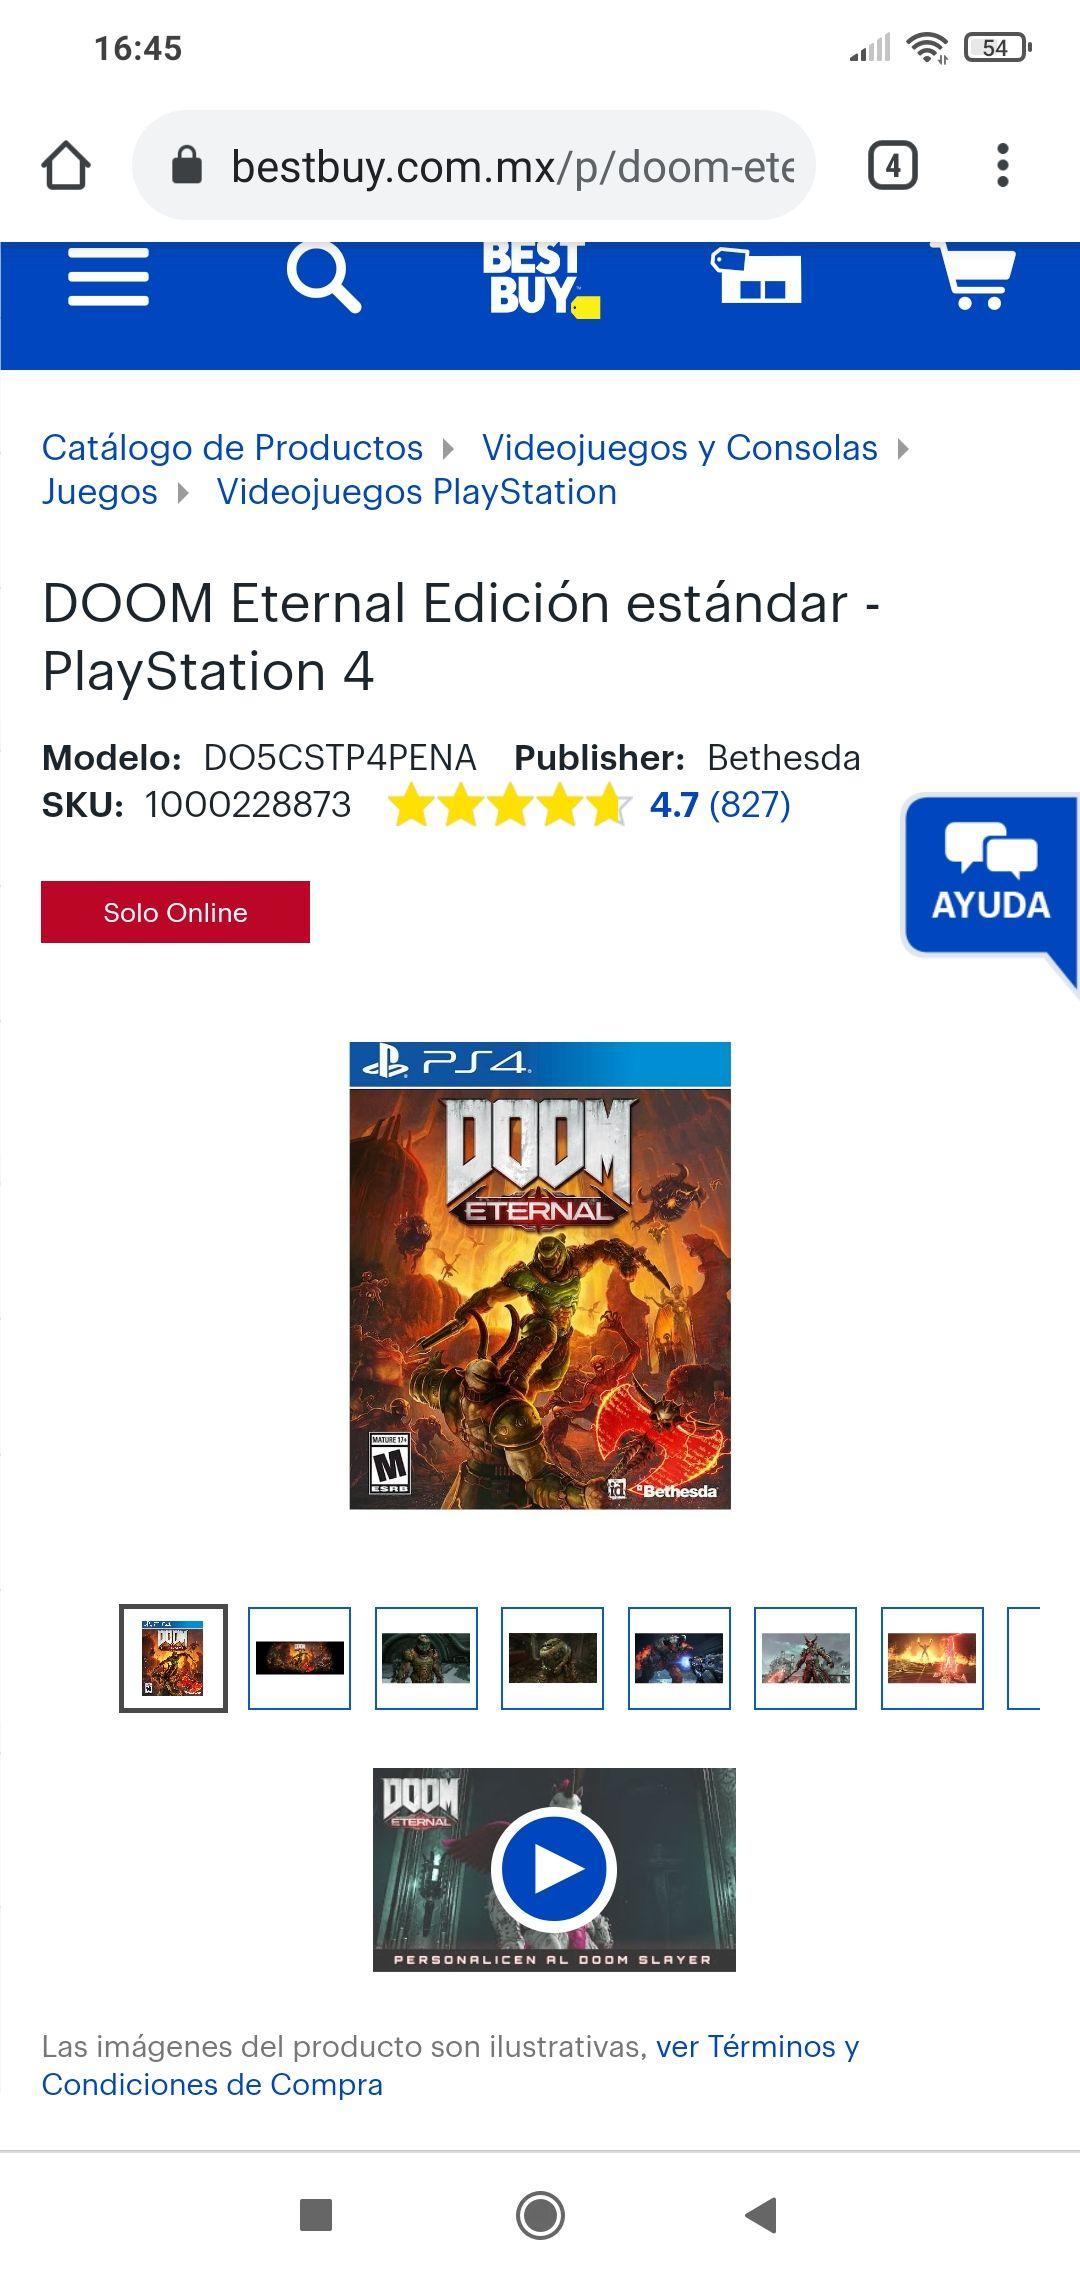 Best Buy: Doom eternal ps4